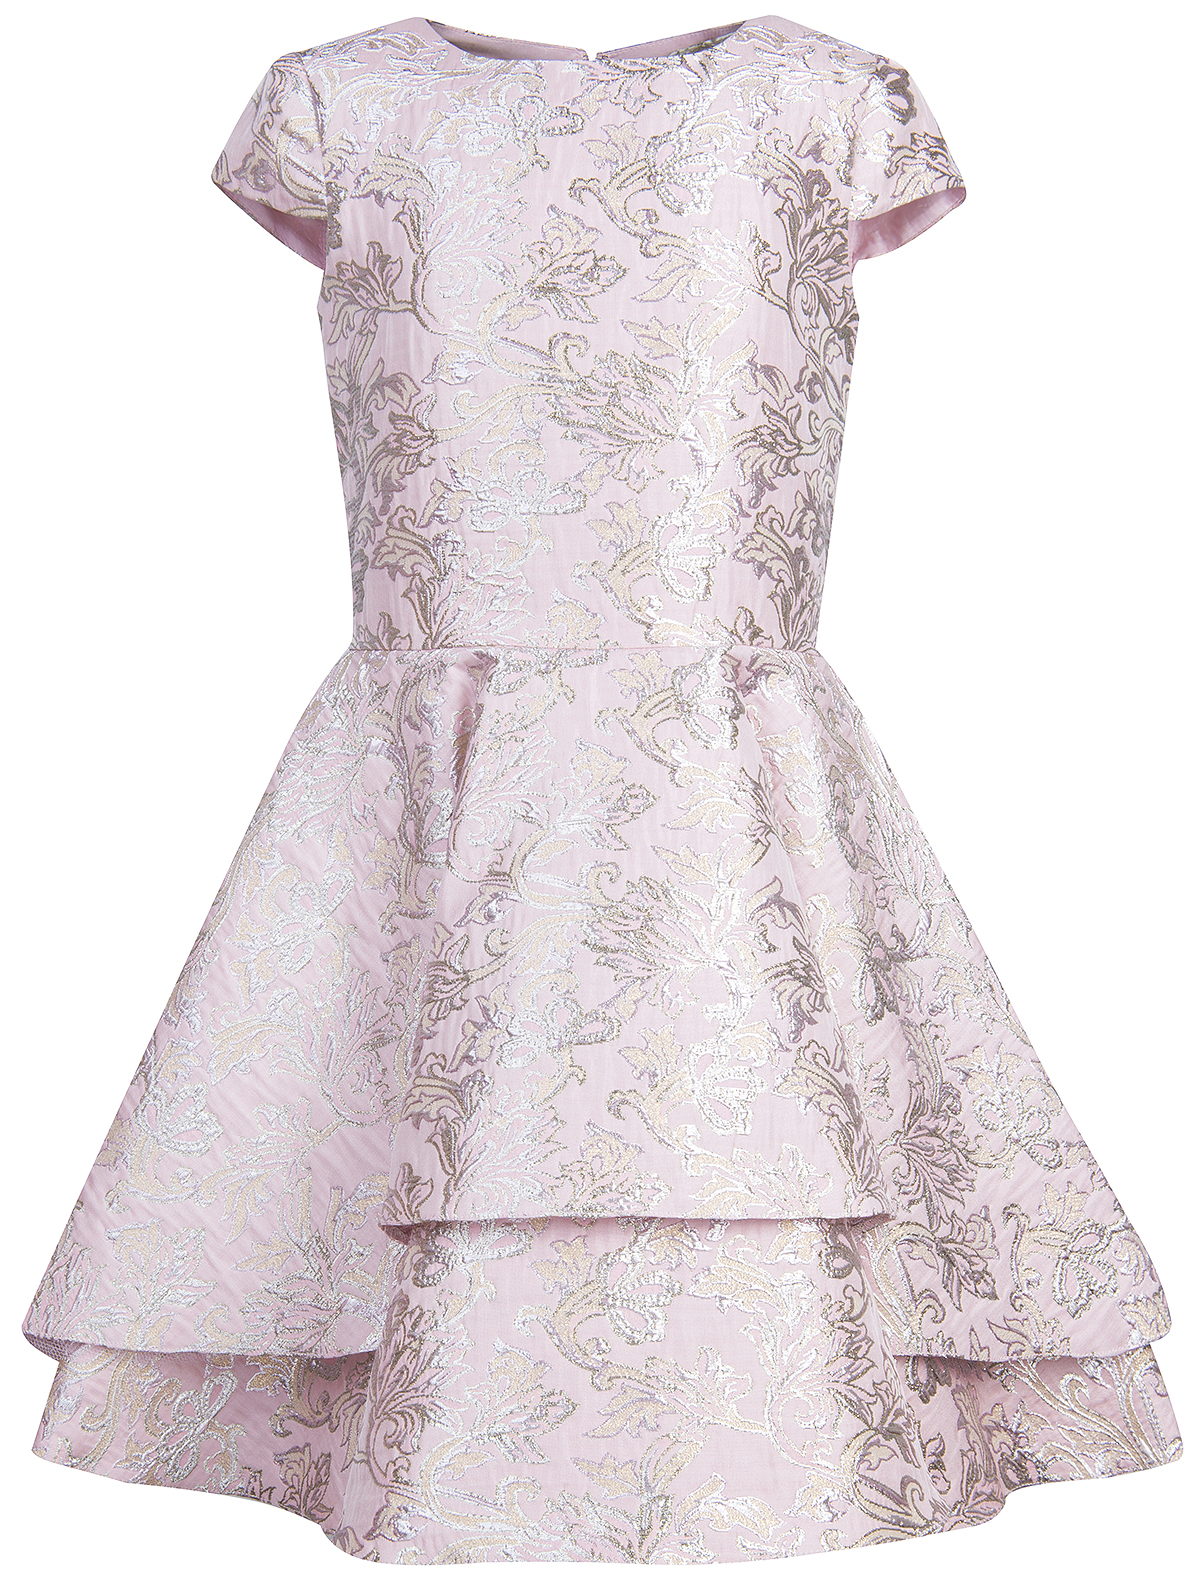 1846721, Платье David Charles, розовый, Женский, 1052609780448  - купить со скидкой